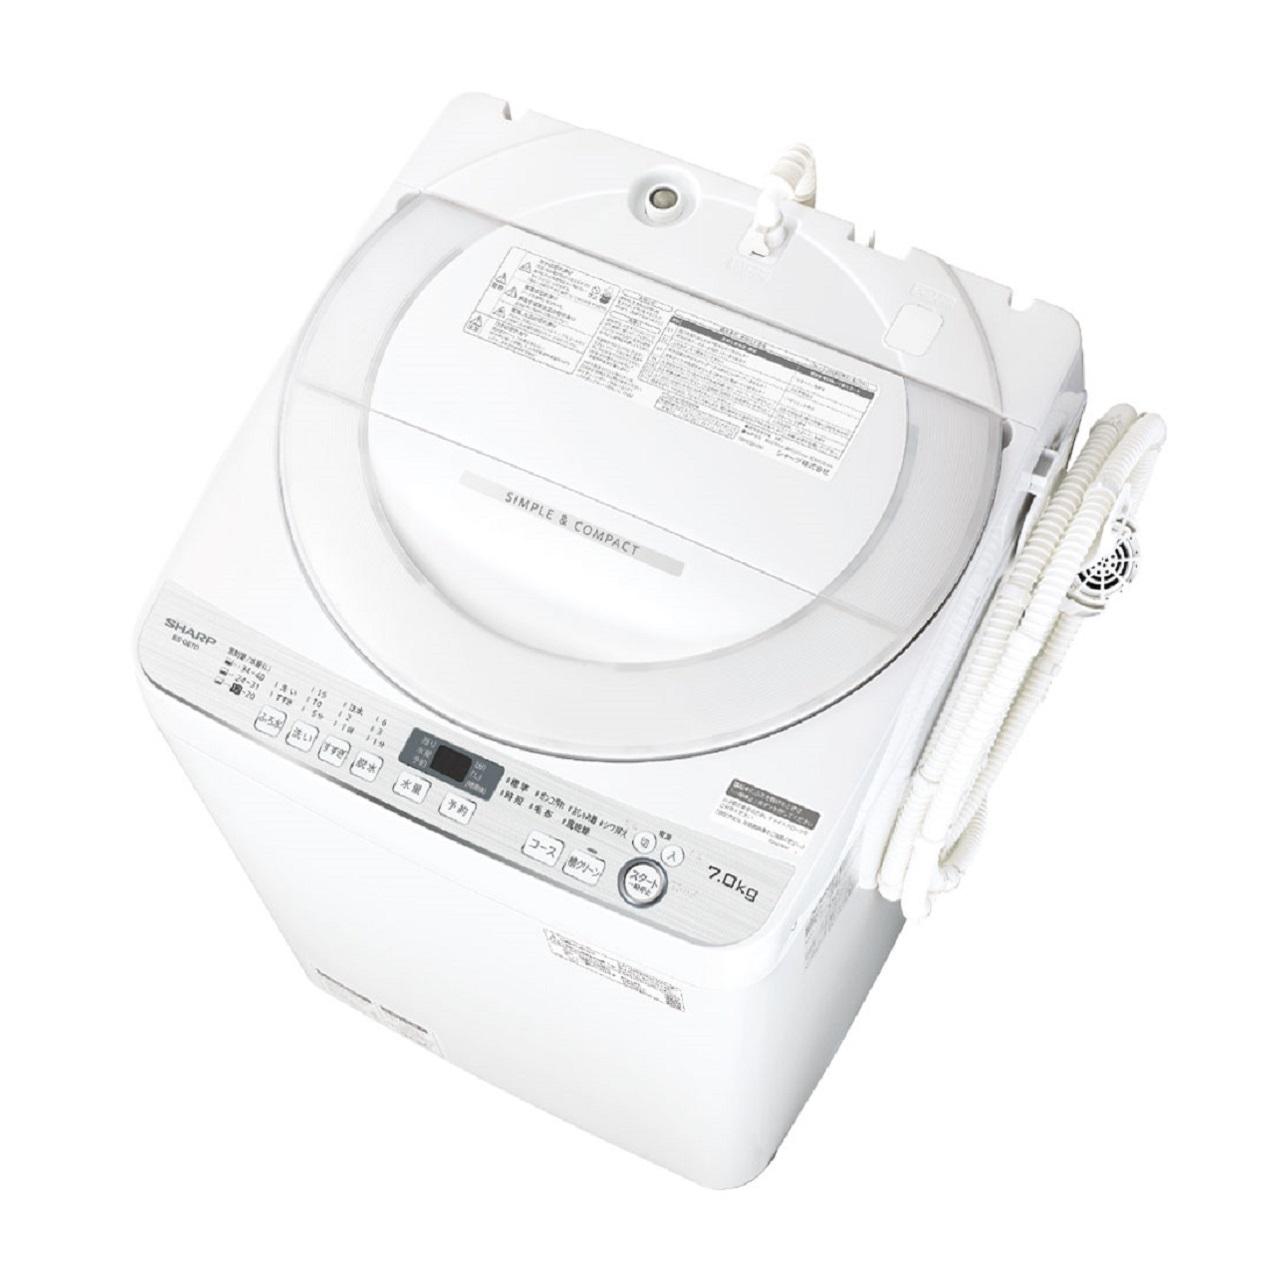 シャープES-GE7D全自動洗濯機